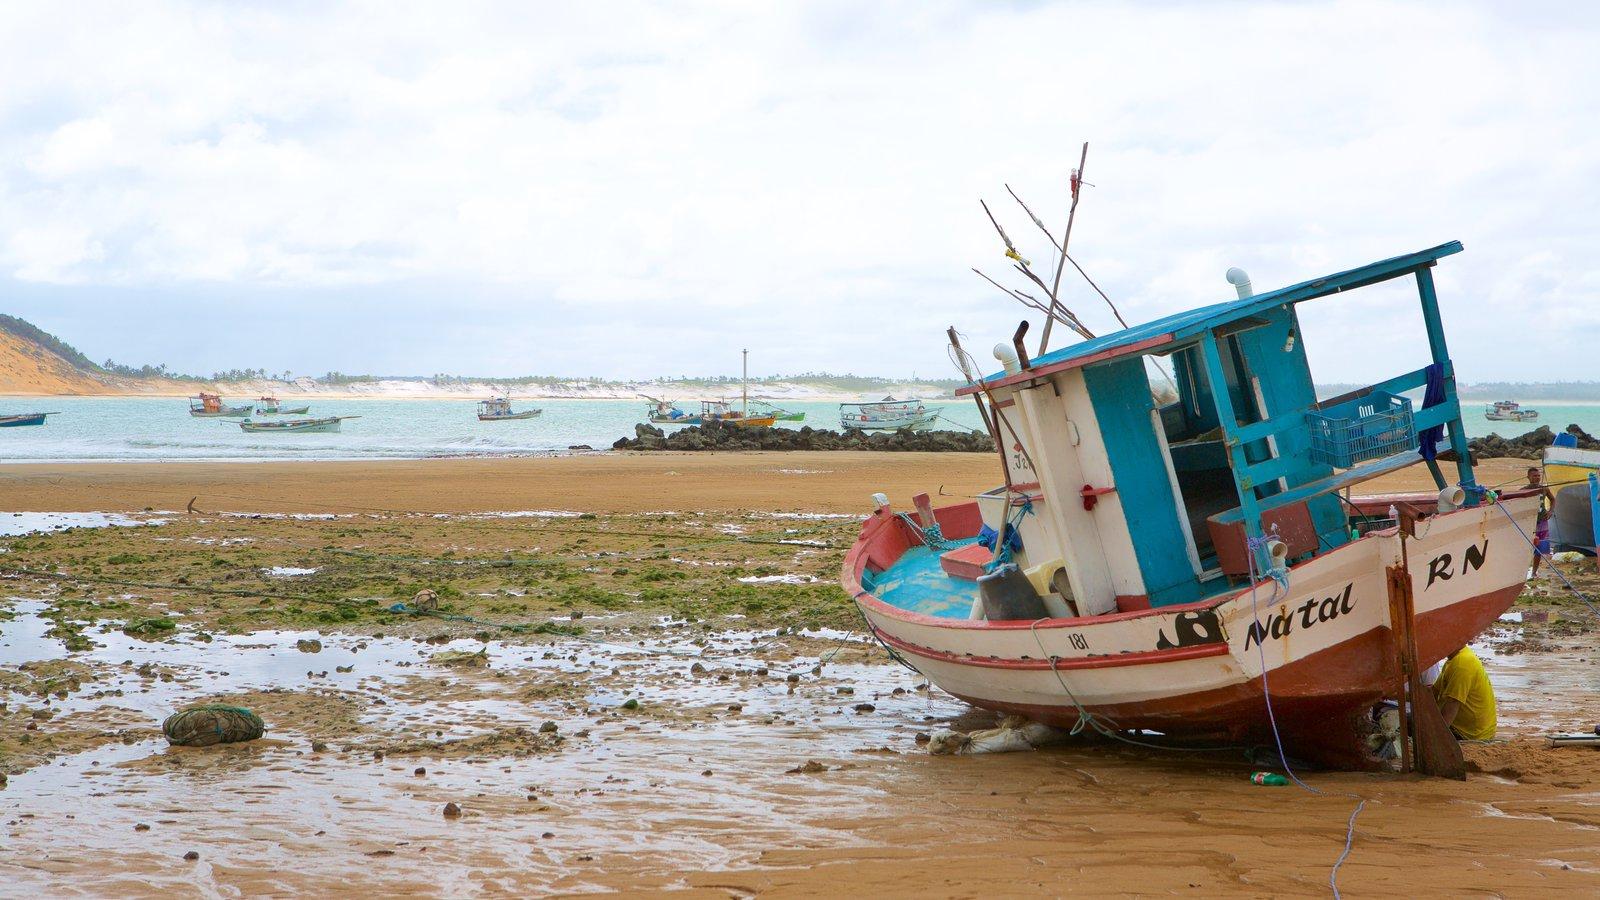 Baía Formosa caracterizando canoagem, uma praia e paisagens litorâneas